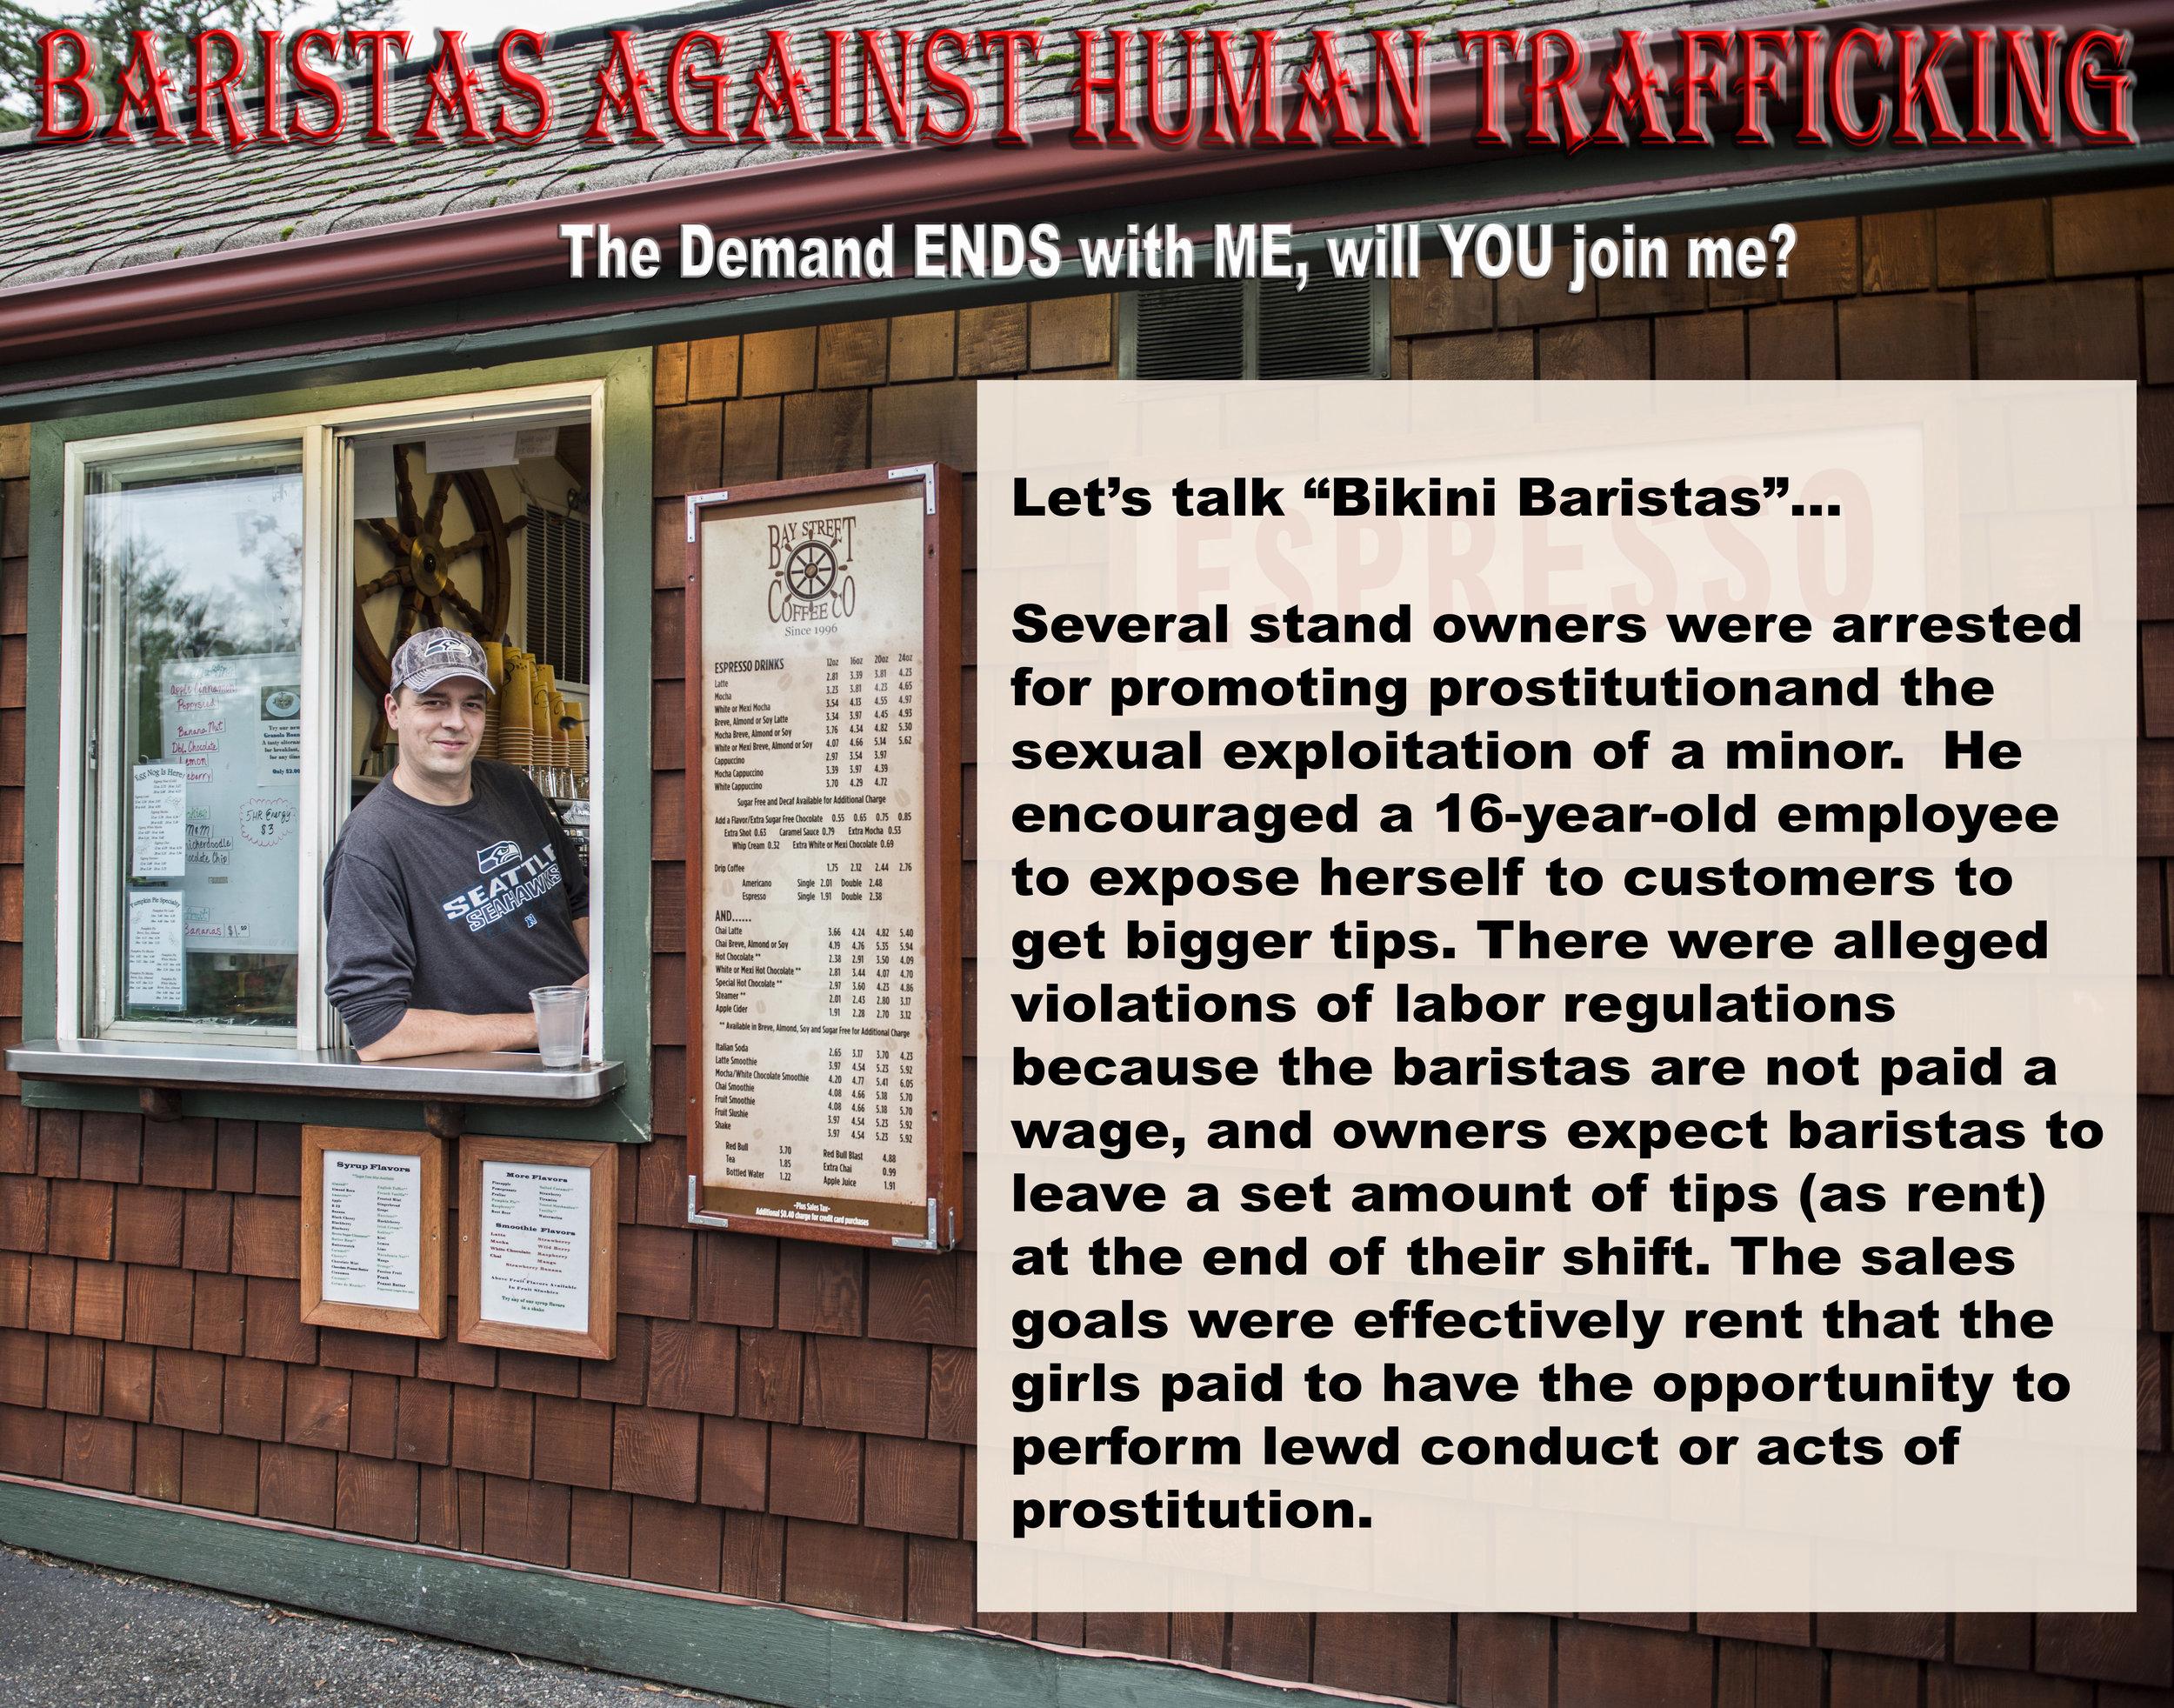 Baristas Against Human Trafficking